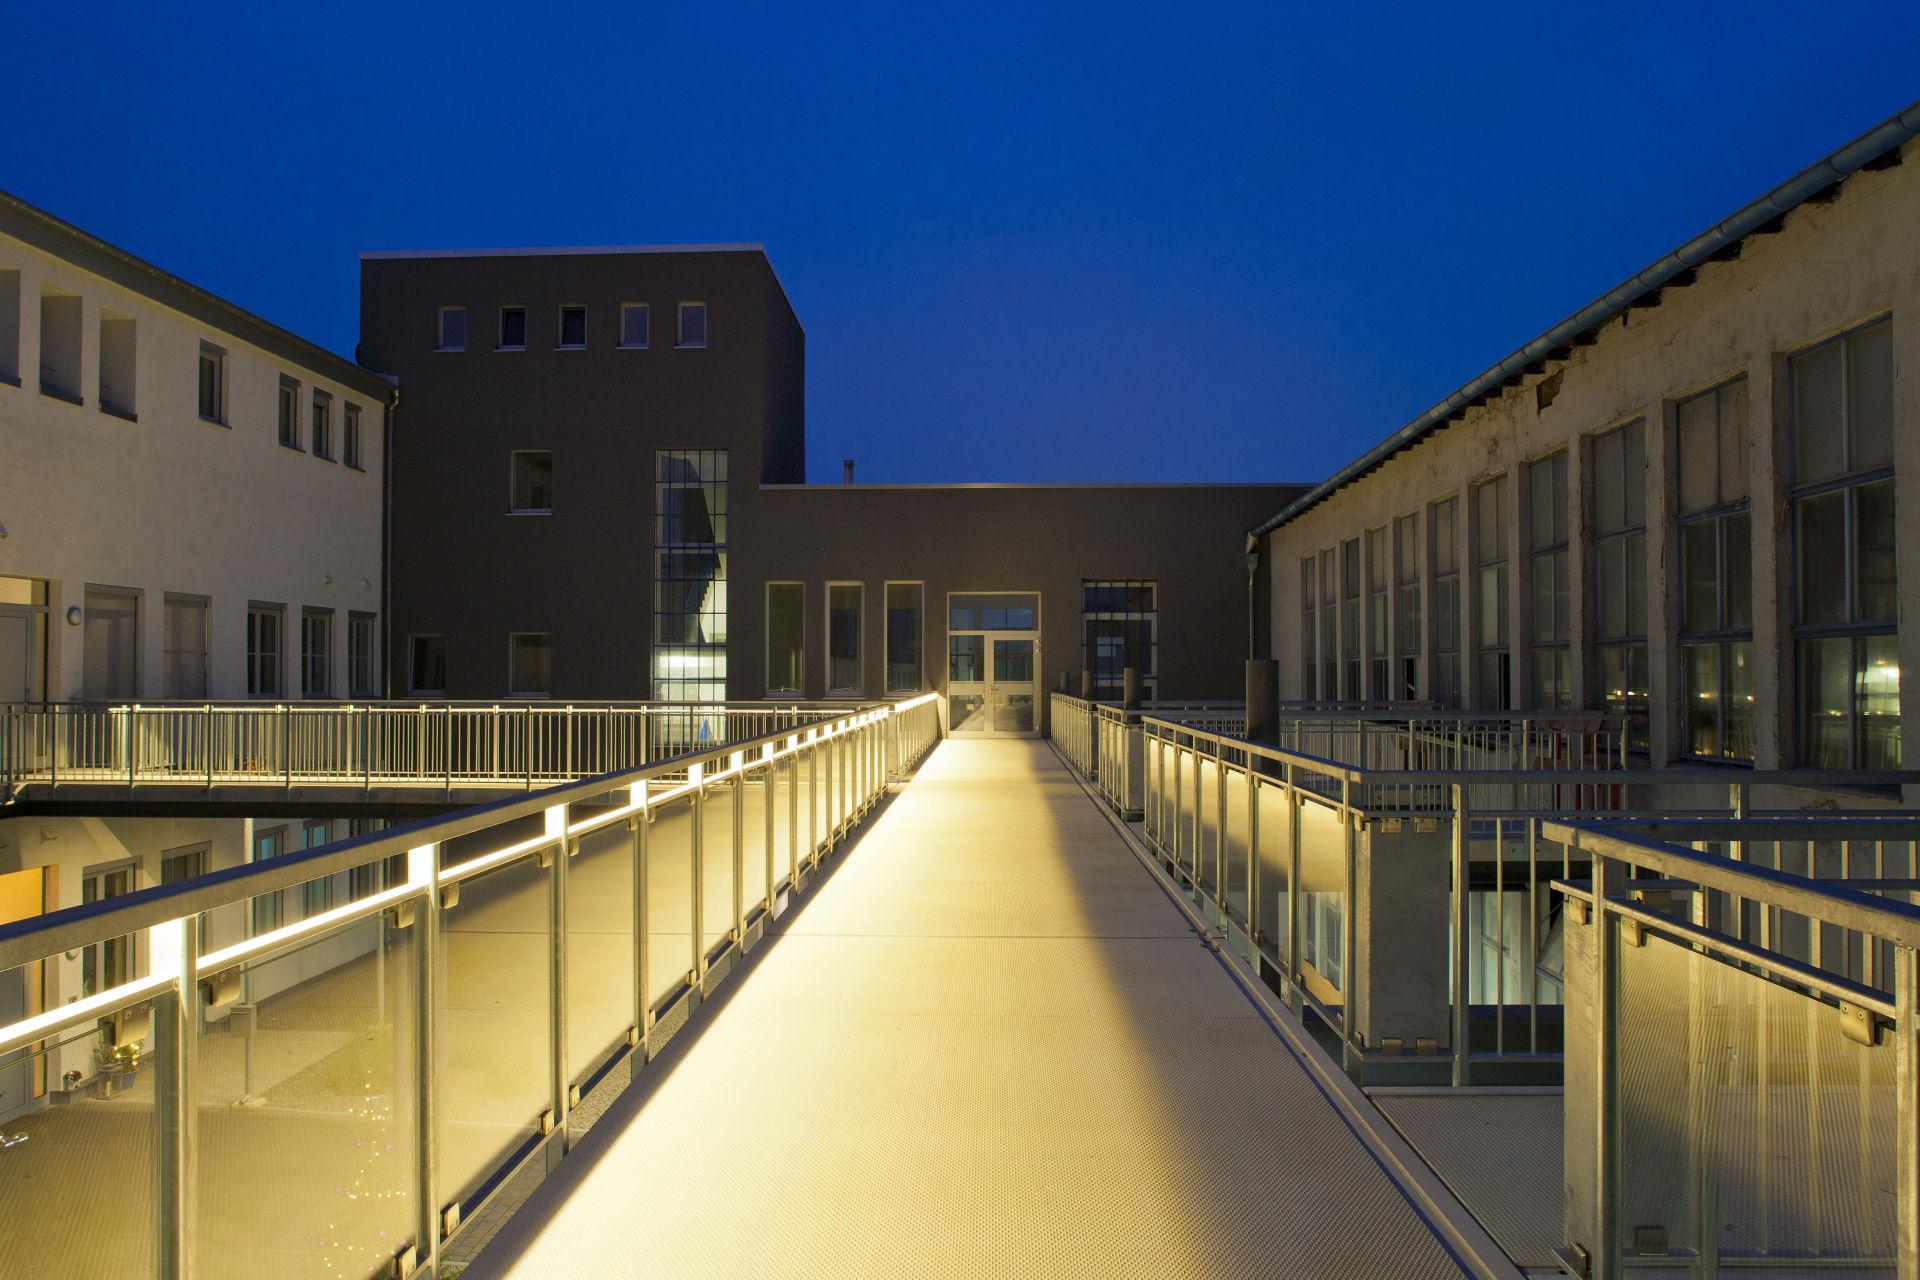 Bobinet Halle 2-3 Außenfassade abends